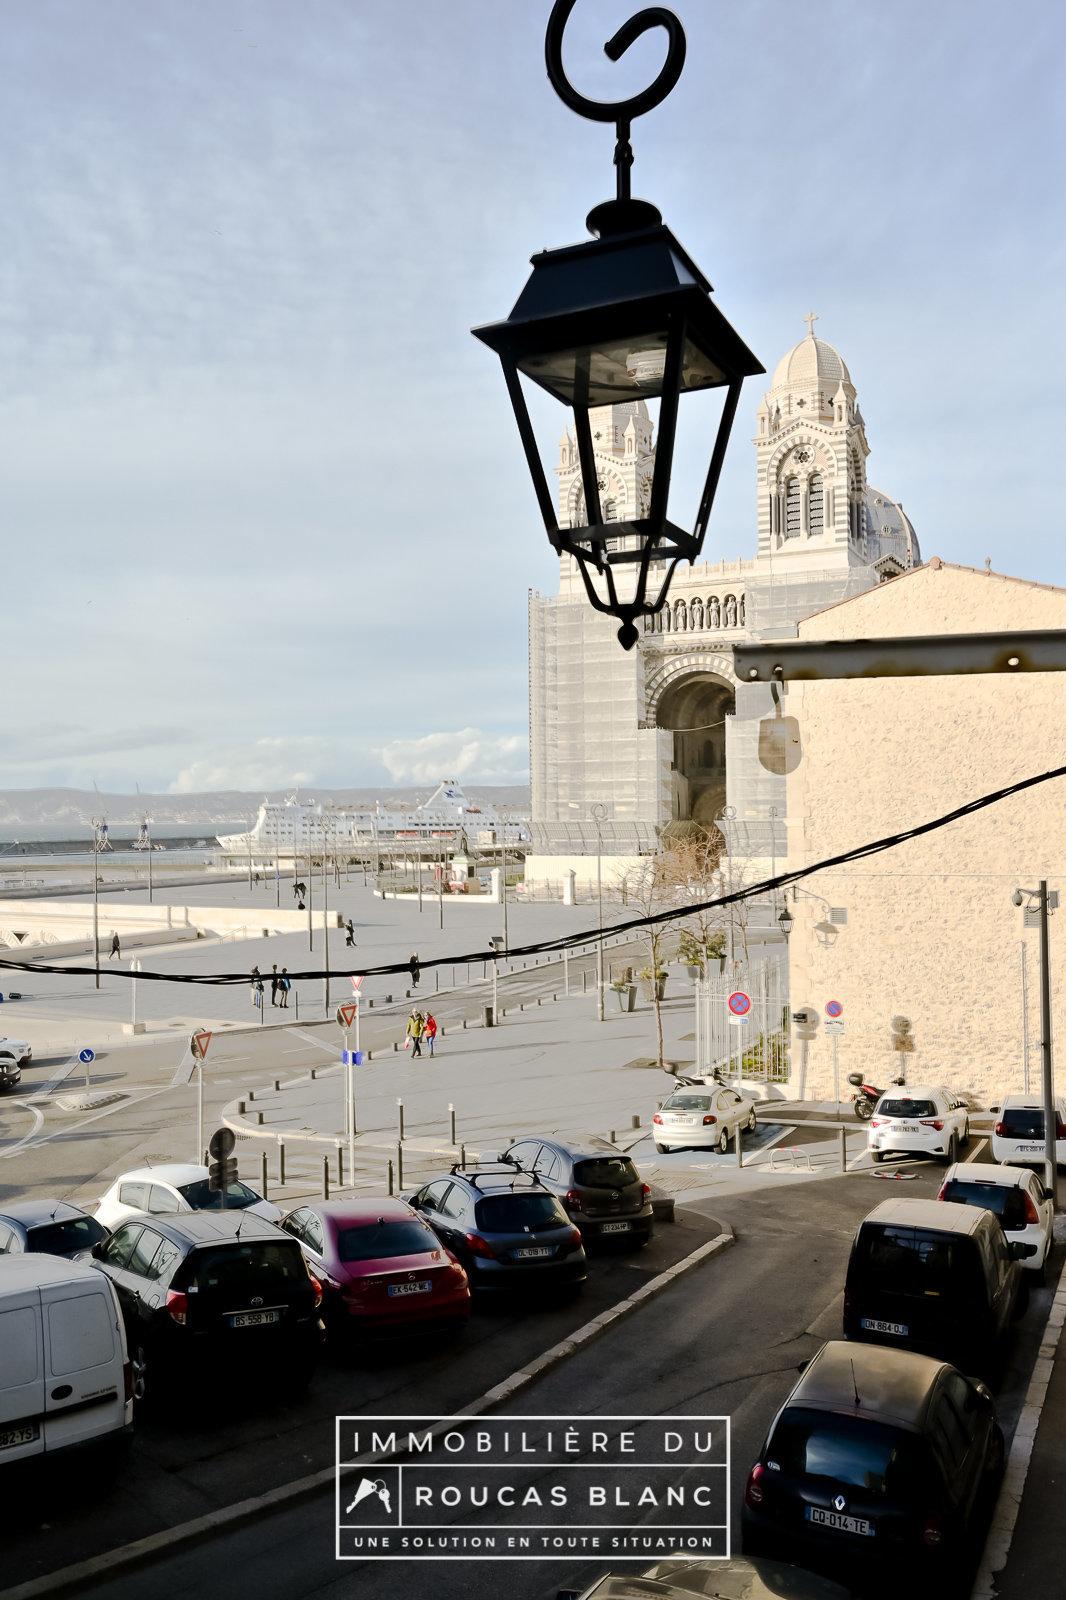 LOT de 2 Appartements - Panier - Major - Vieux Port - Mucem